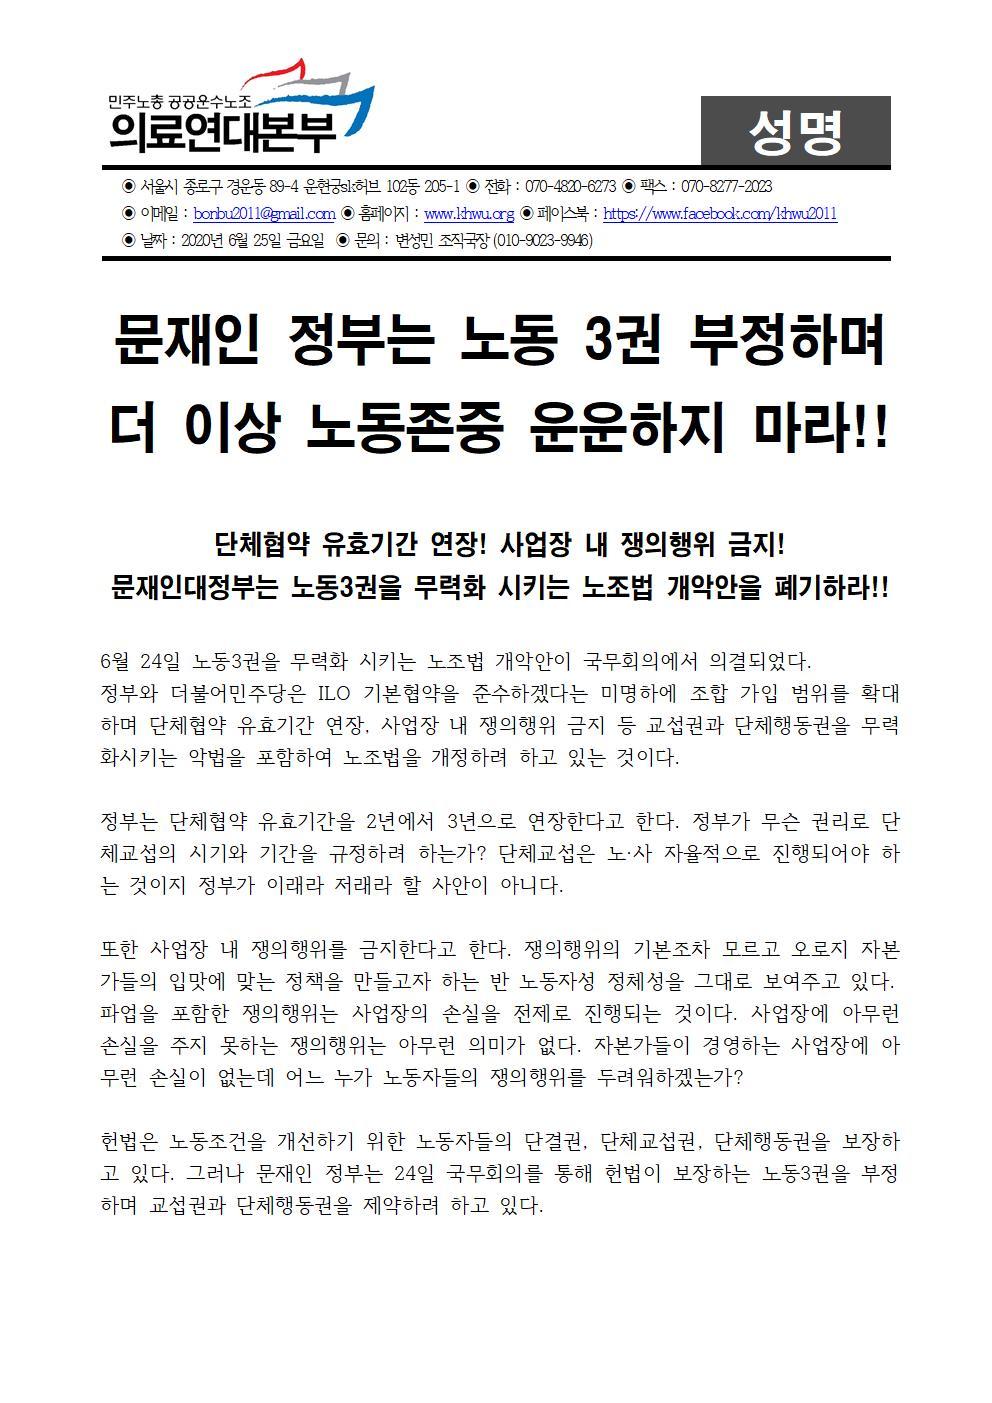 노조법개악 국무회의 의결 규탄 성명서001.jpg